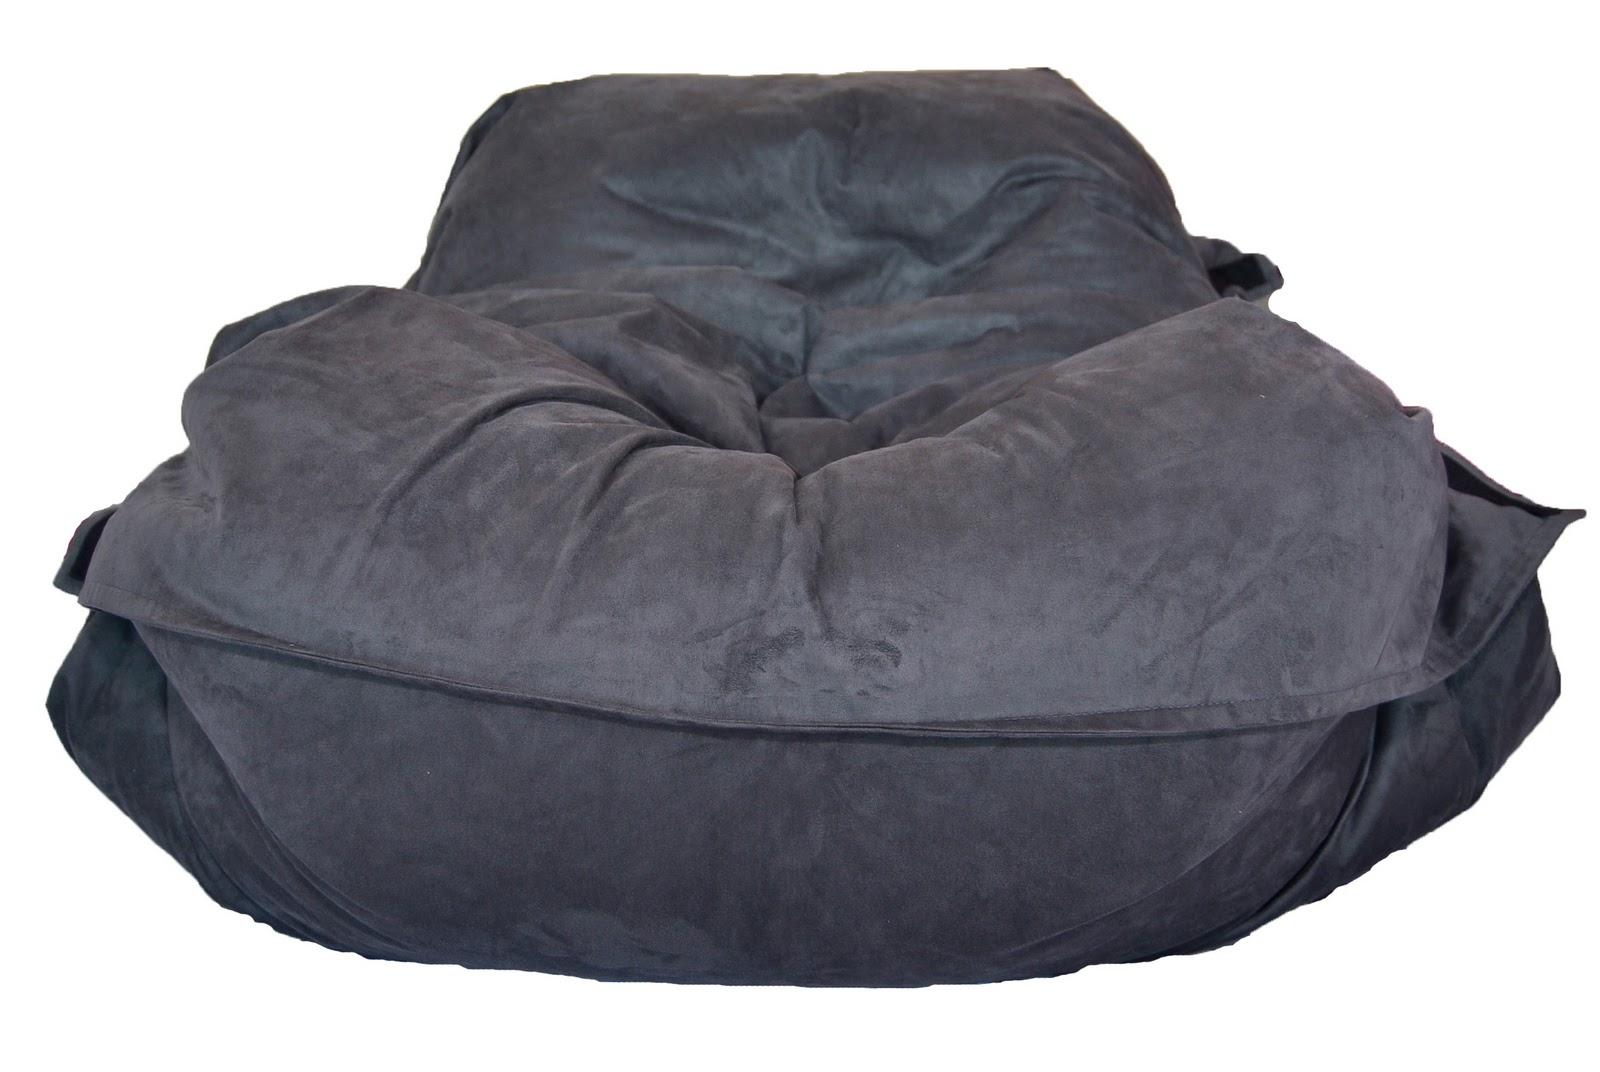 Affordable Bean Bag Chairs Televue Air Chair Review Bags Cheap Malaysia